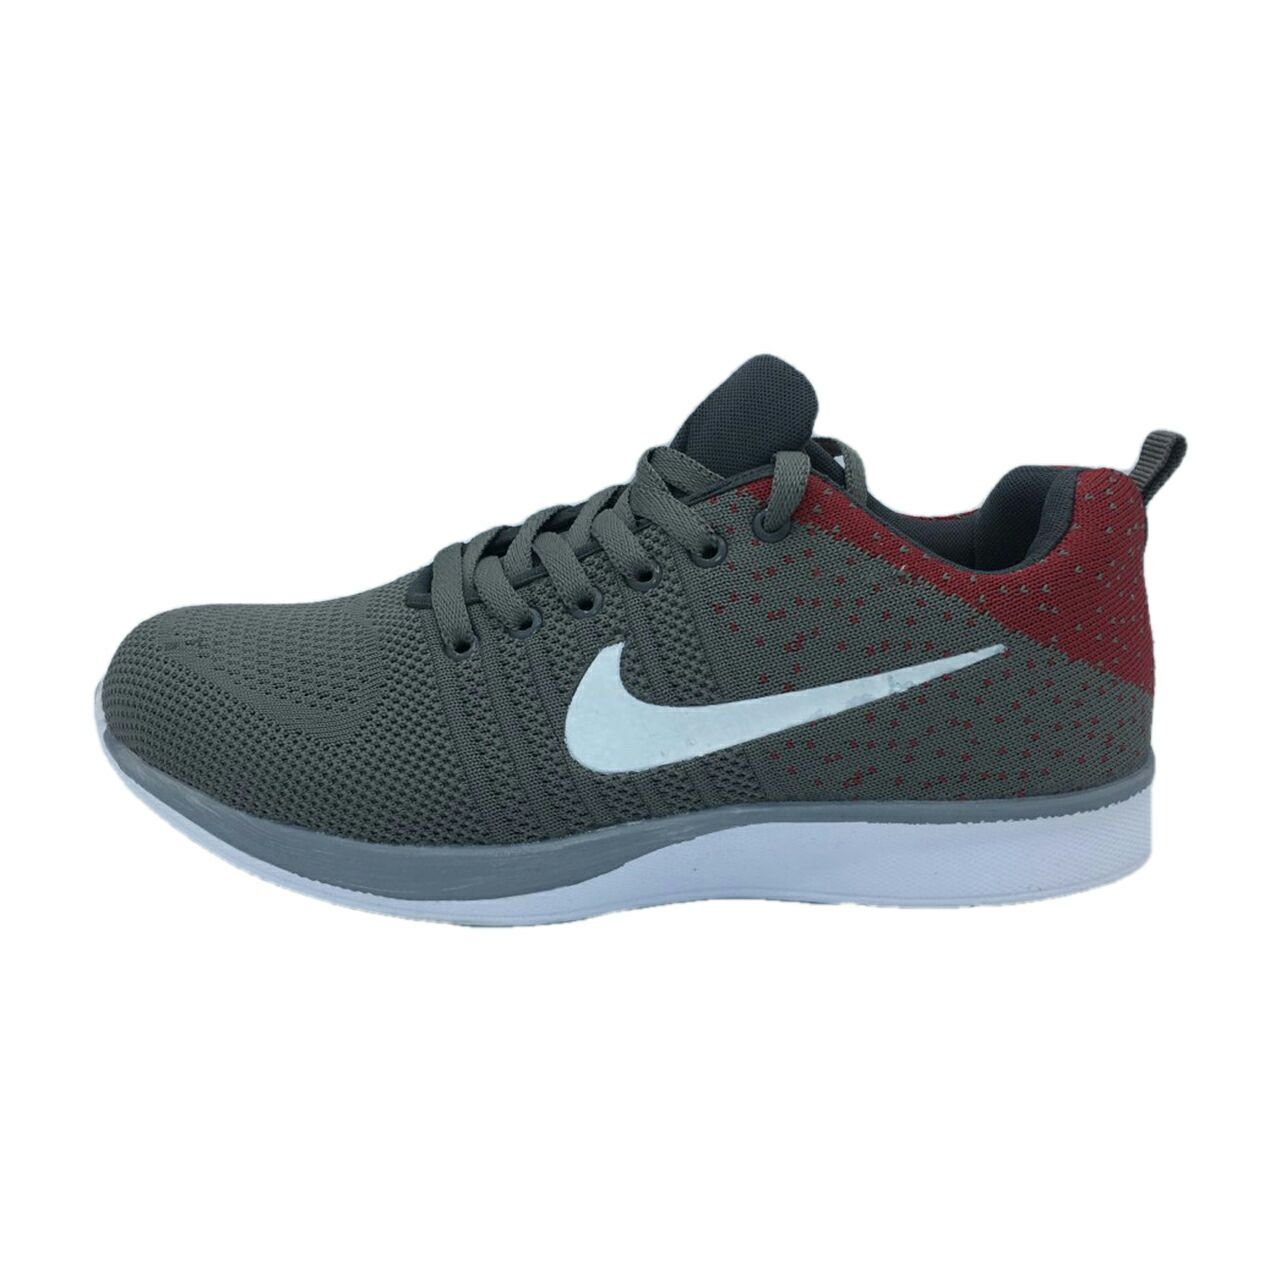 کفش مخصوص پیاده روی مردانه مدل n103  رنگ طوسی